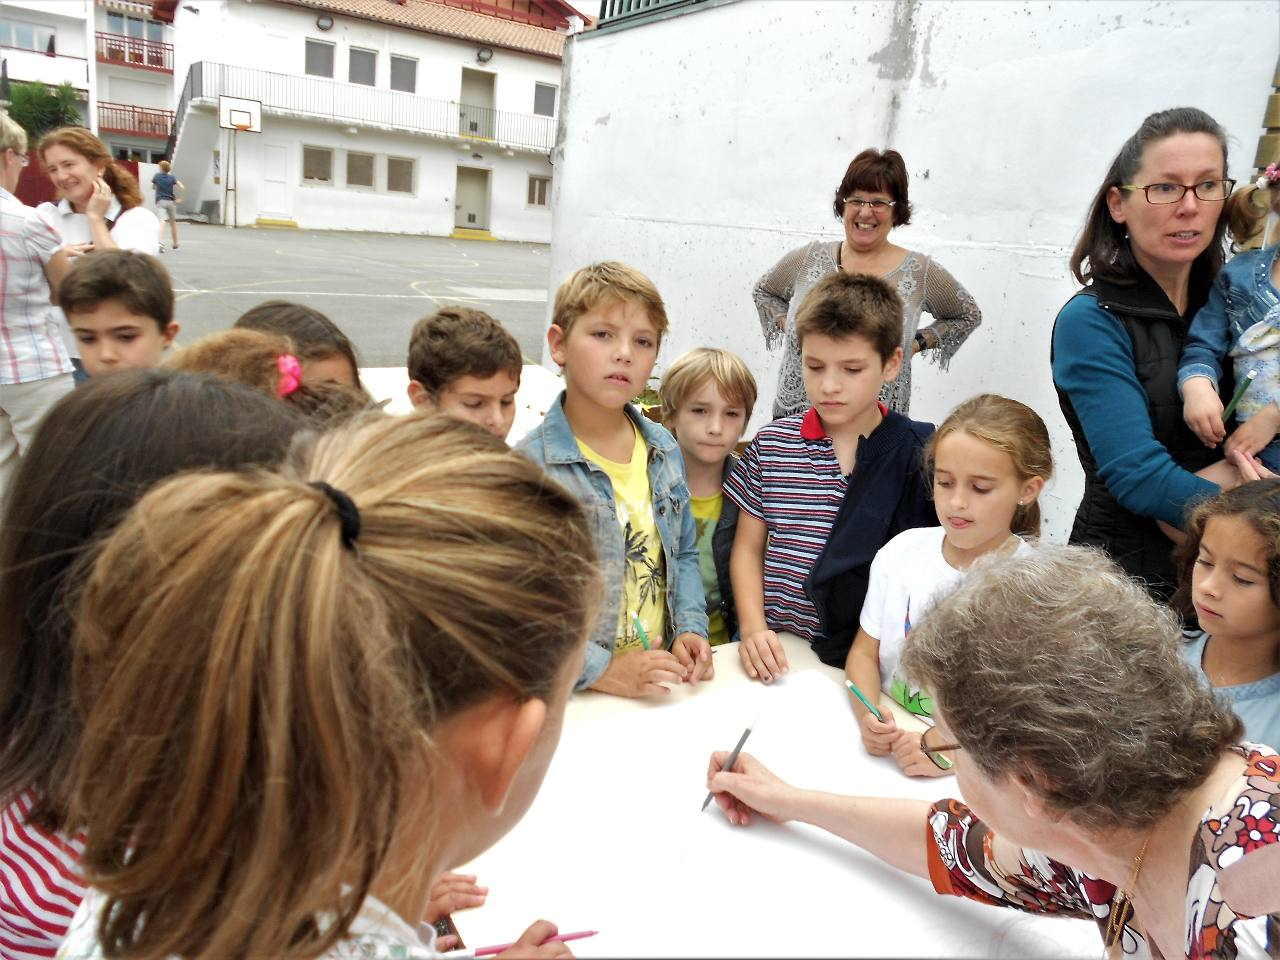 Les enfants vont composer un chef-d'oeuvre par un seul trait de crayon à chaque fois et repartant obligatoirement d'où le camarade précédent s'est arrêté.